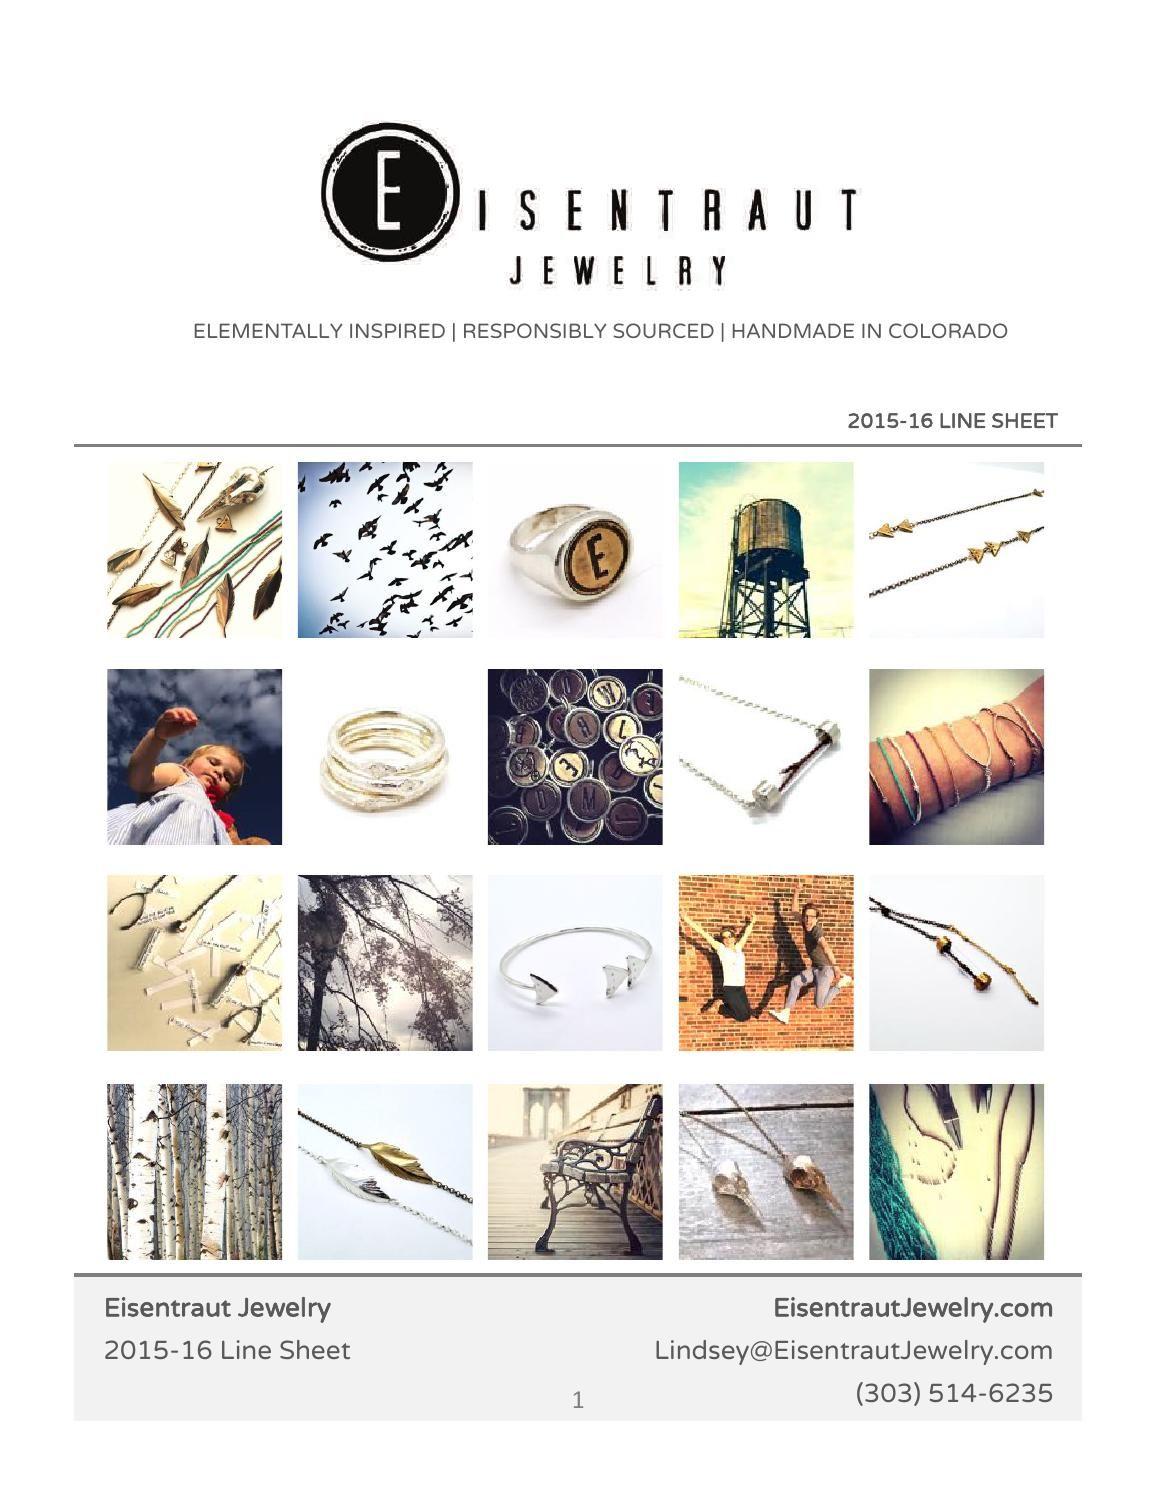 Eisentraut Jewelry Line Sheet 201516 Discount jewelry